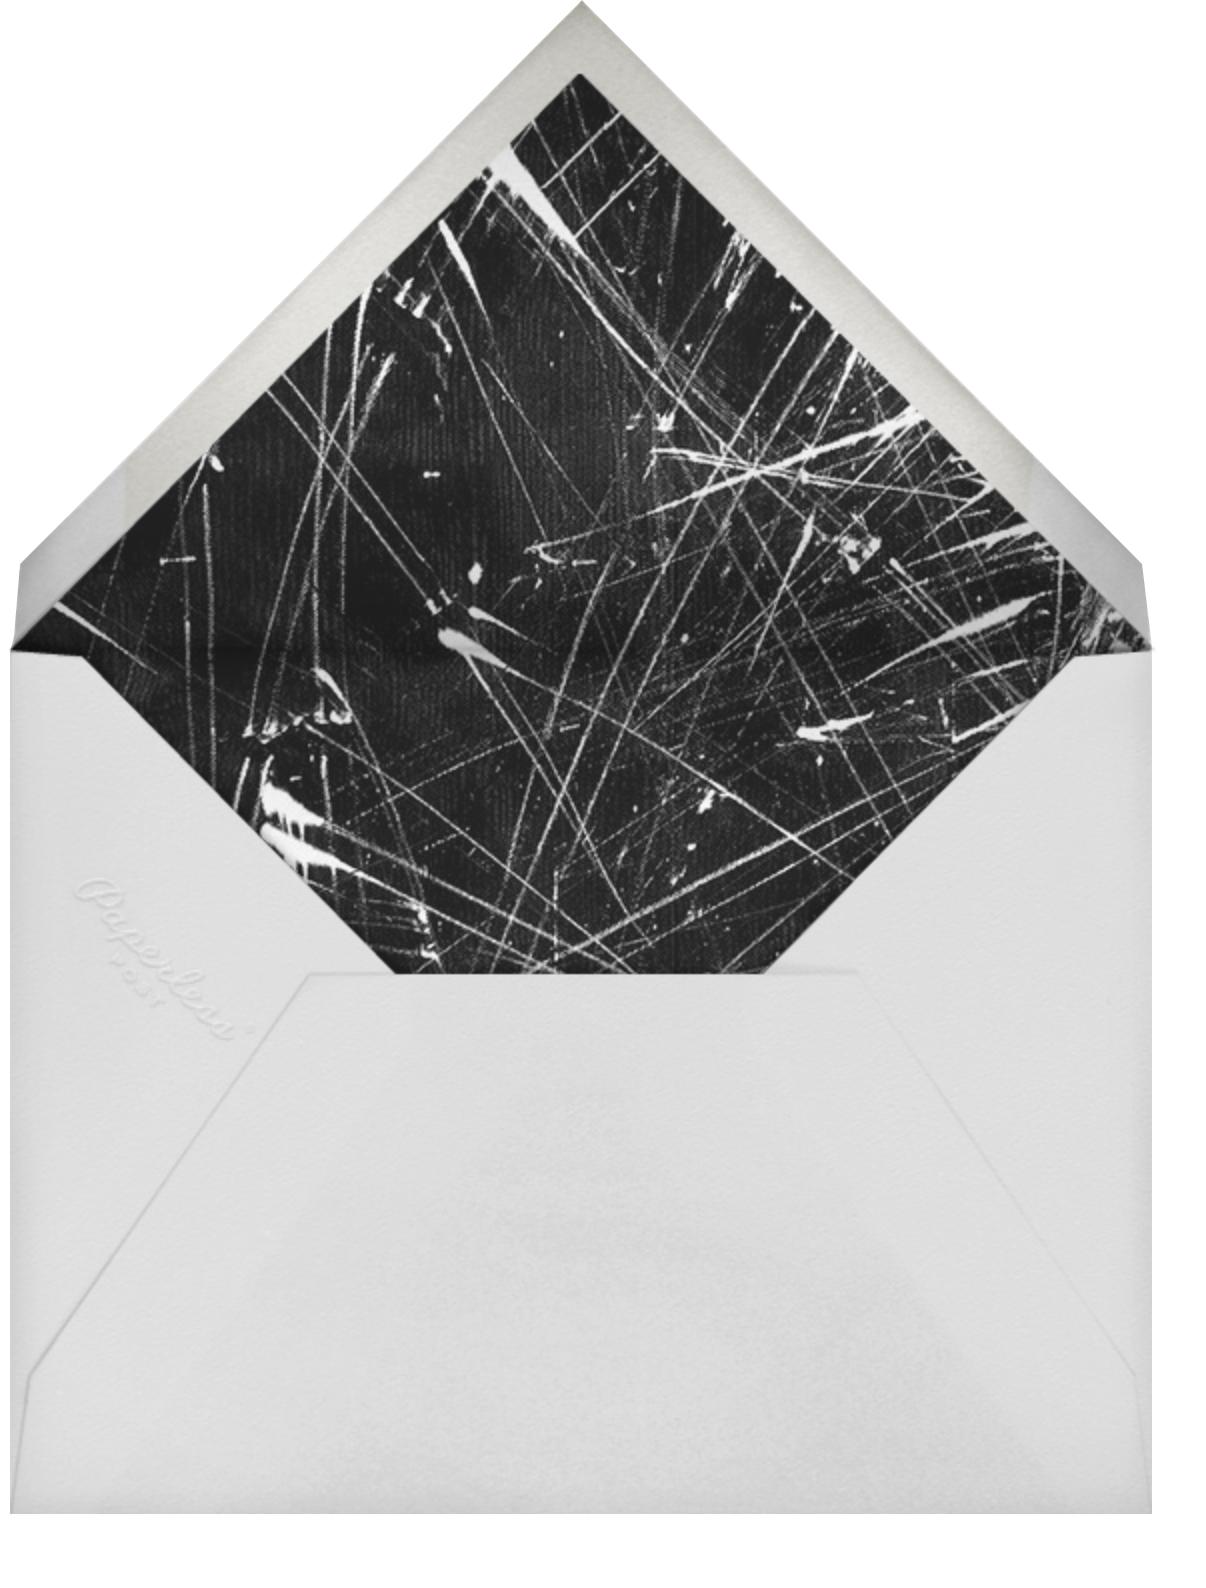 Ilona Frame (Invitation) - Kelly Wearstler - All - envelope back